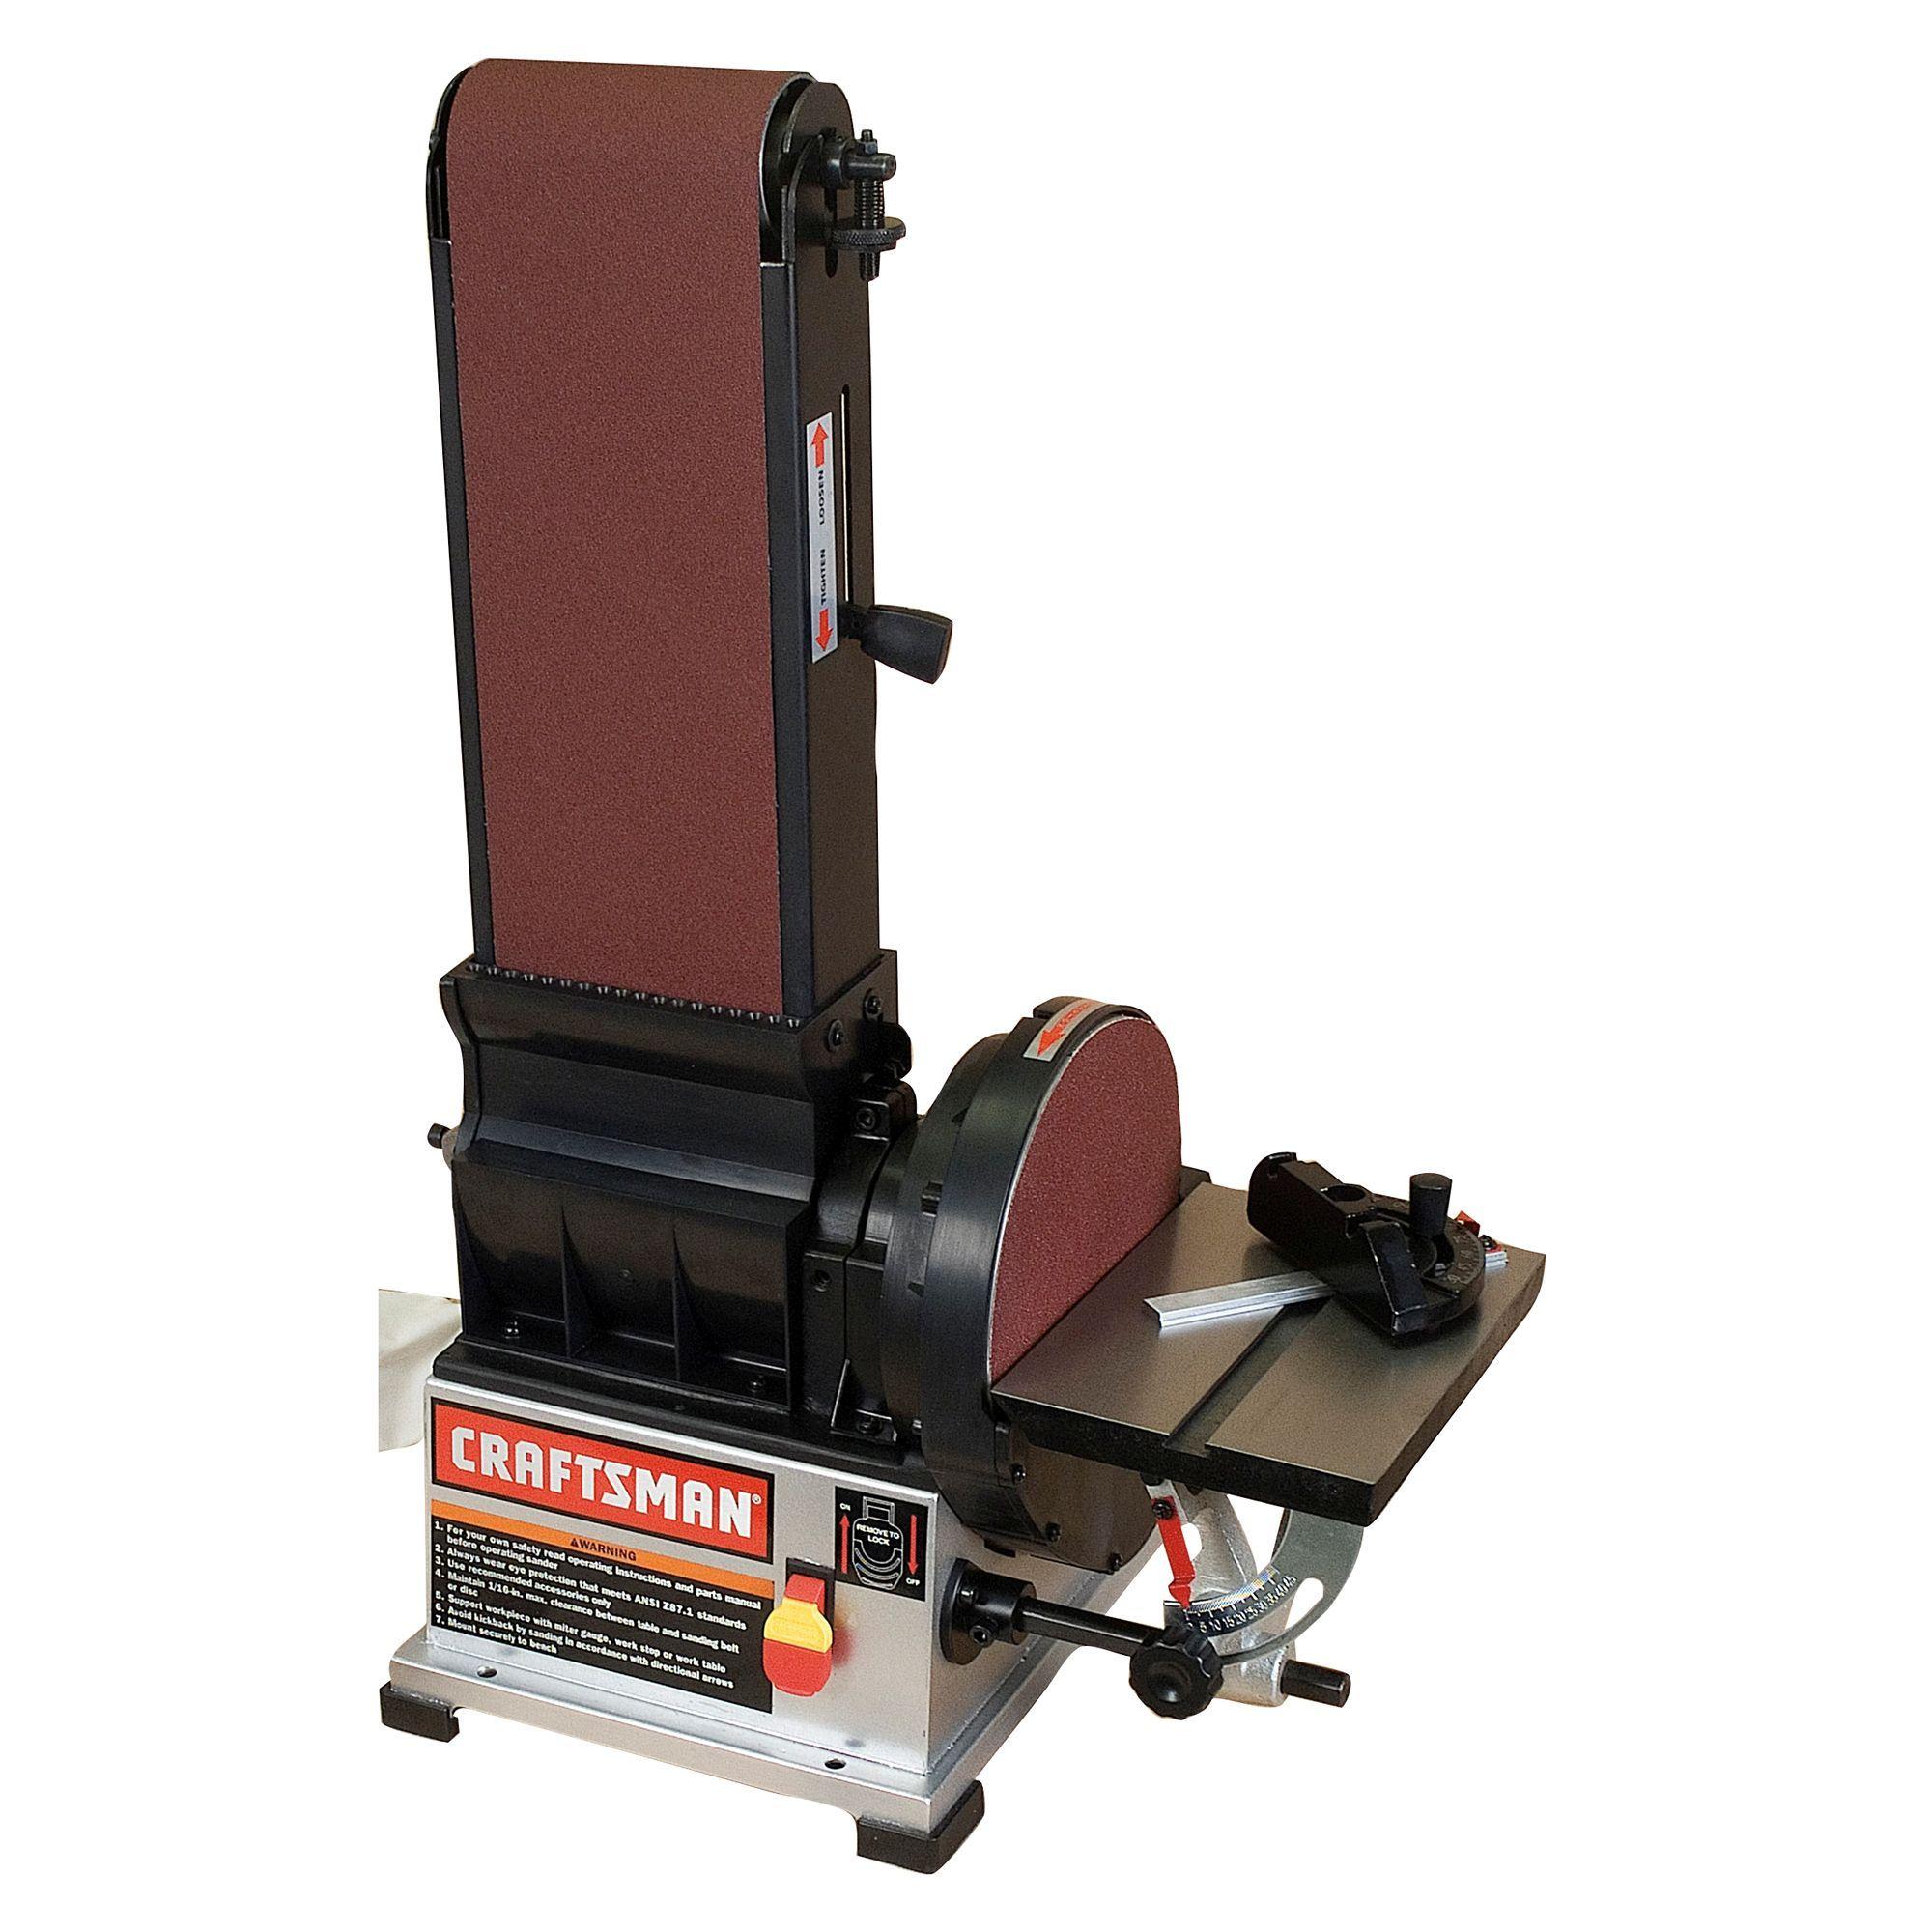 Craftsman 3 4 Hp 6 X 9 Belt Disc Sander 22500 Tools Bench Stationary Power Tools Sanders Craftsman Woodworking Power Tools Belt Sander